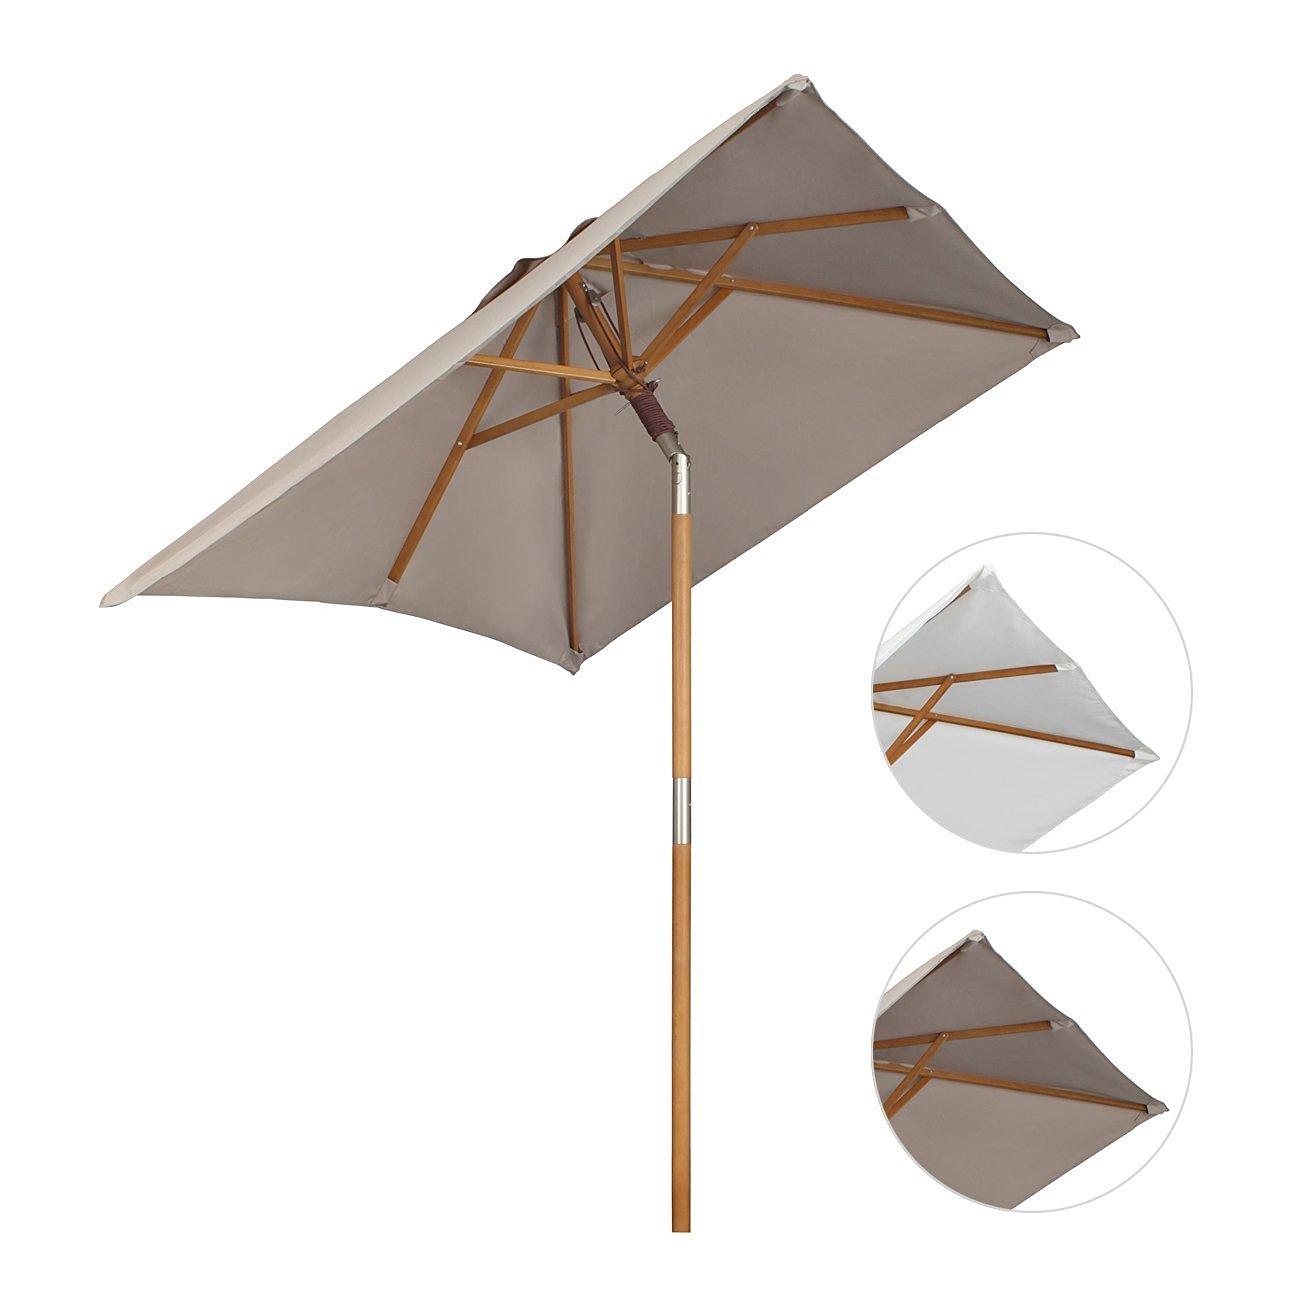 Holz-Sonnenschirm